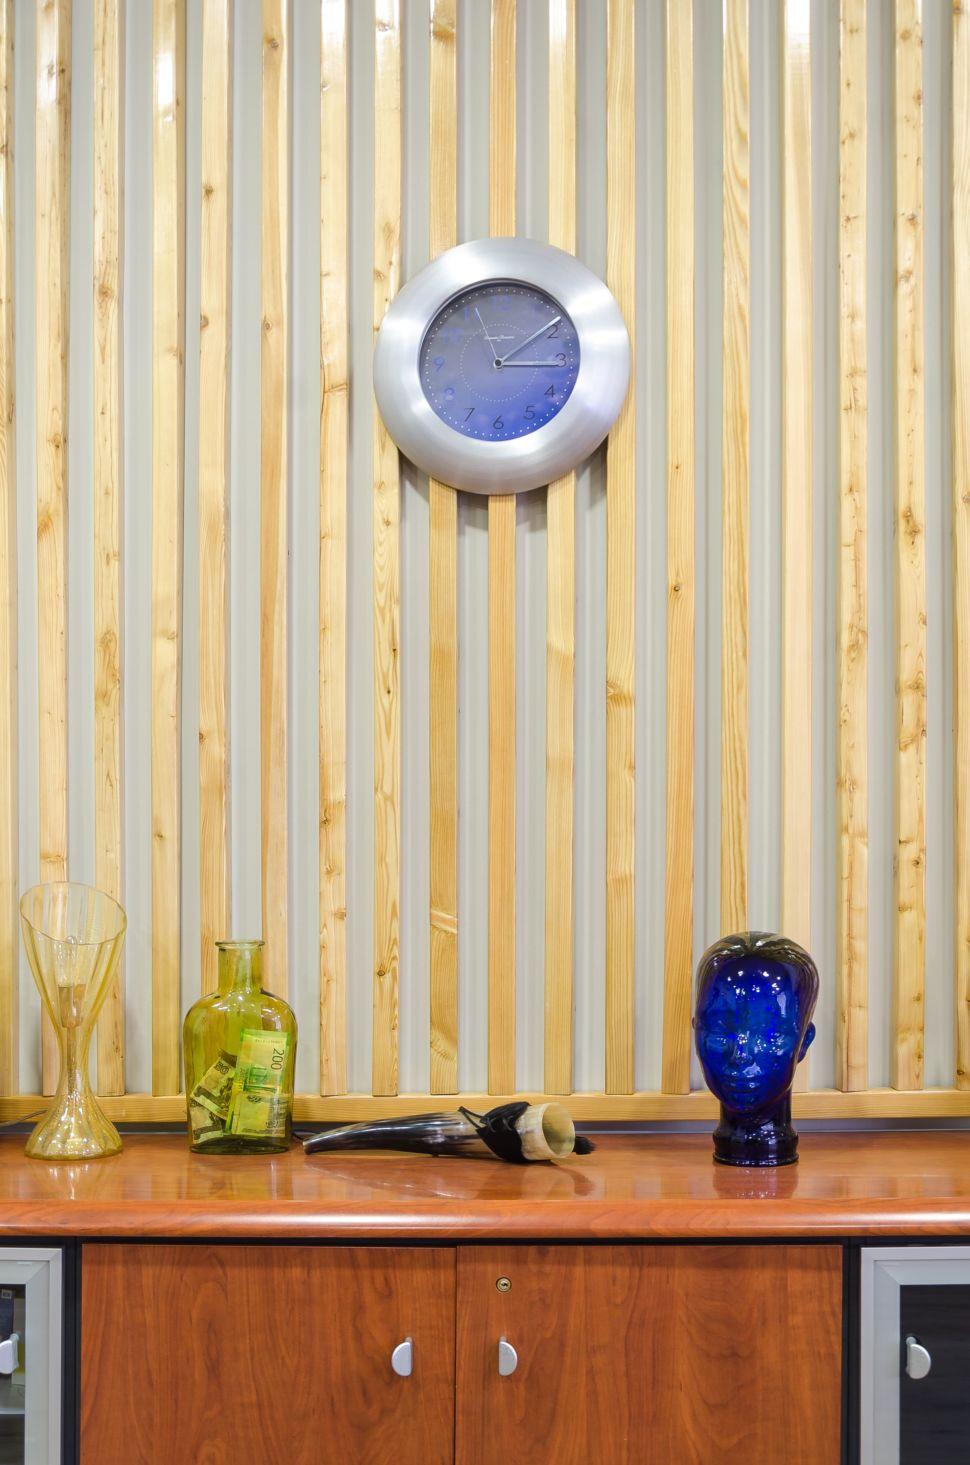 Дизайн-проект кабинета 32 кв.м, декоративные деревянные рейки, комод под дерево, элементы декора, рог, голова, часы, ваза